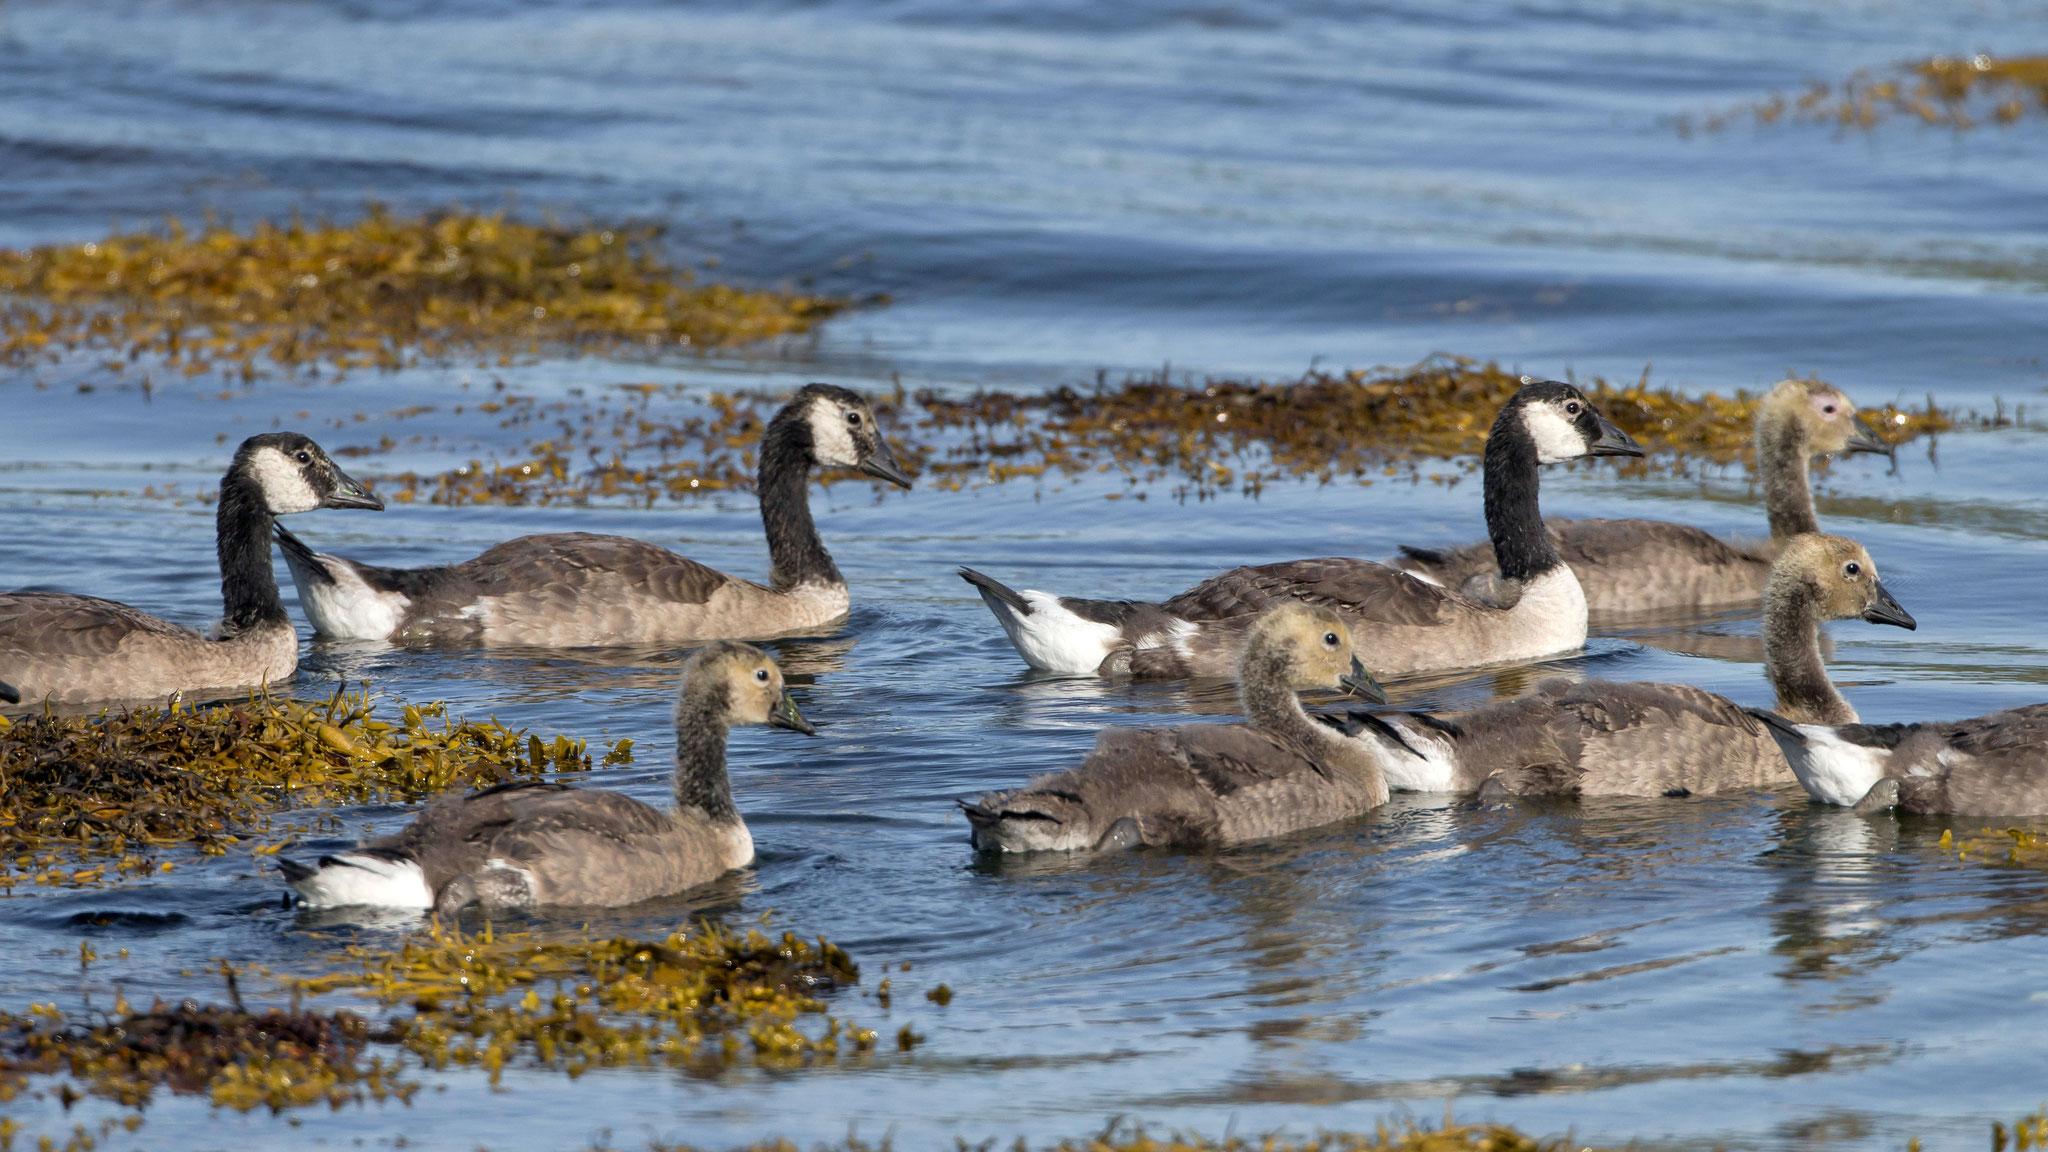 Ebenfalls am Lochbuie sehen wir eine Familie von Kanada-Gänsen...